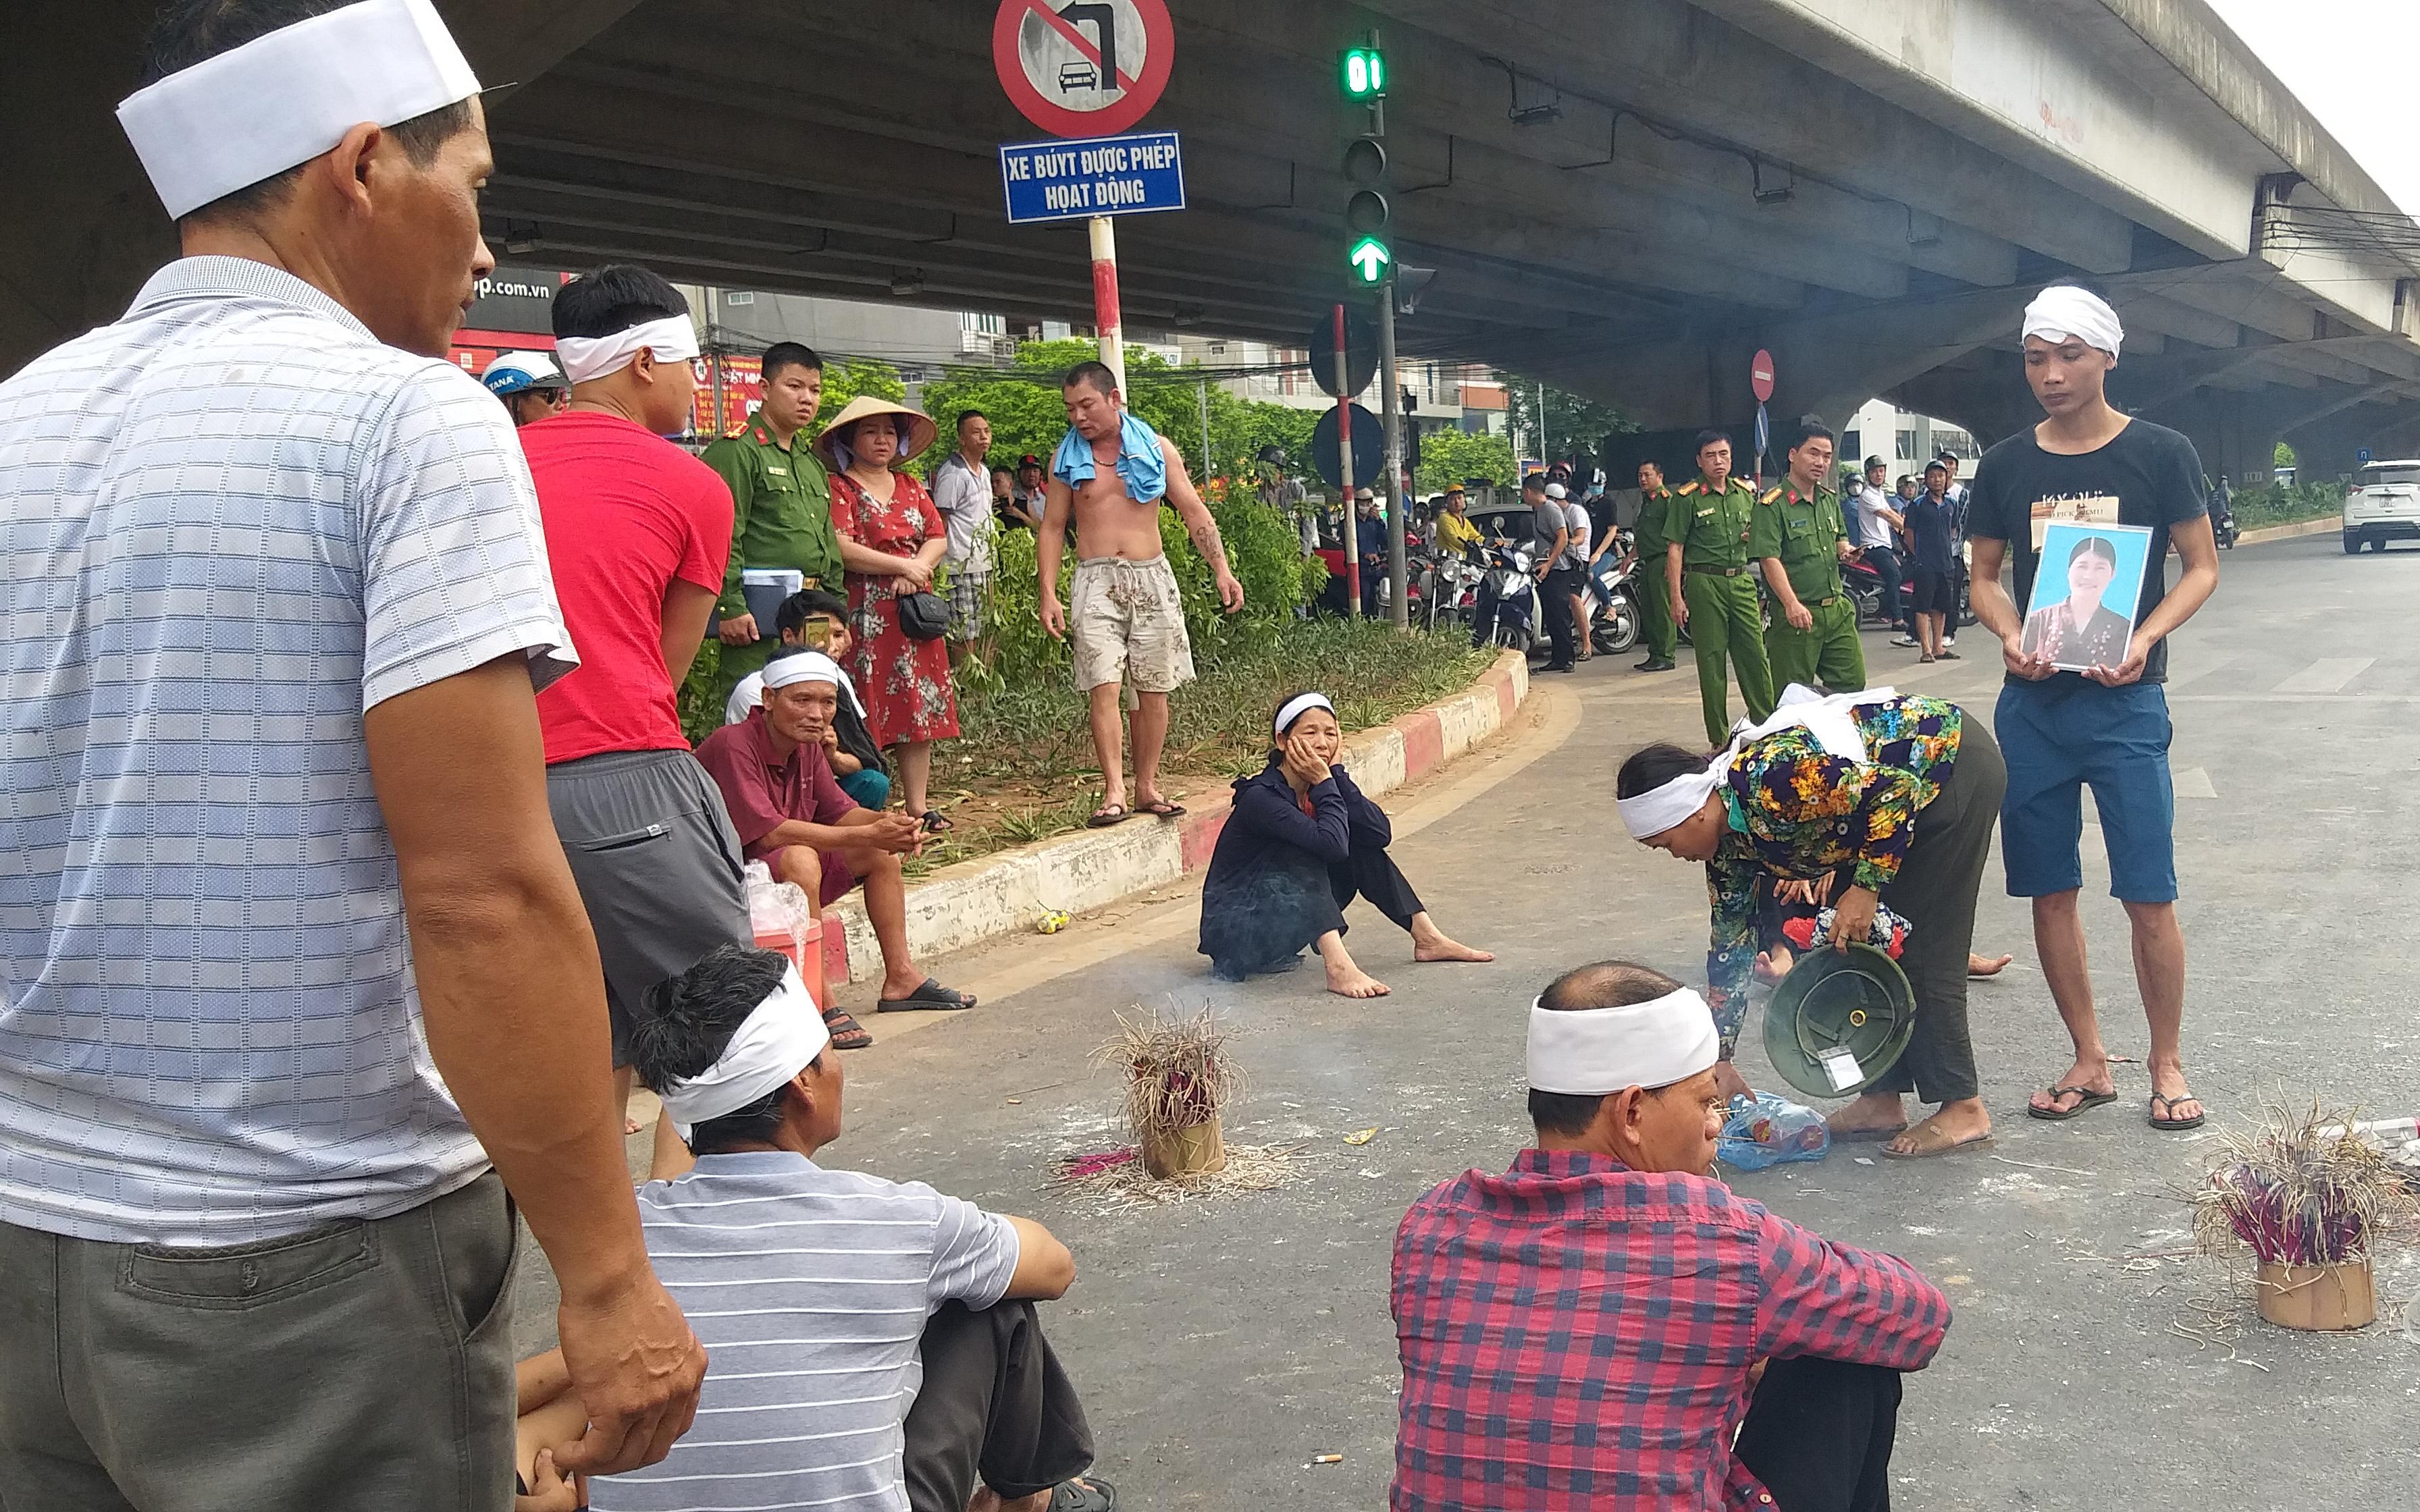 Thông tin mới nhất vụ mang di ảnh đến hiện trường sau 1 năm tai nạn chưa giải quyết ở Hà Nội